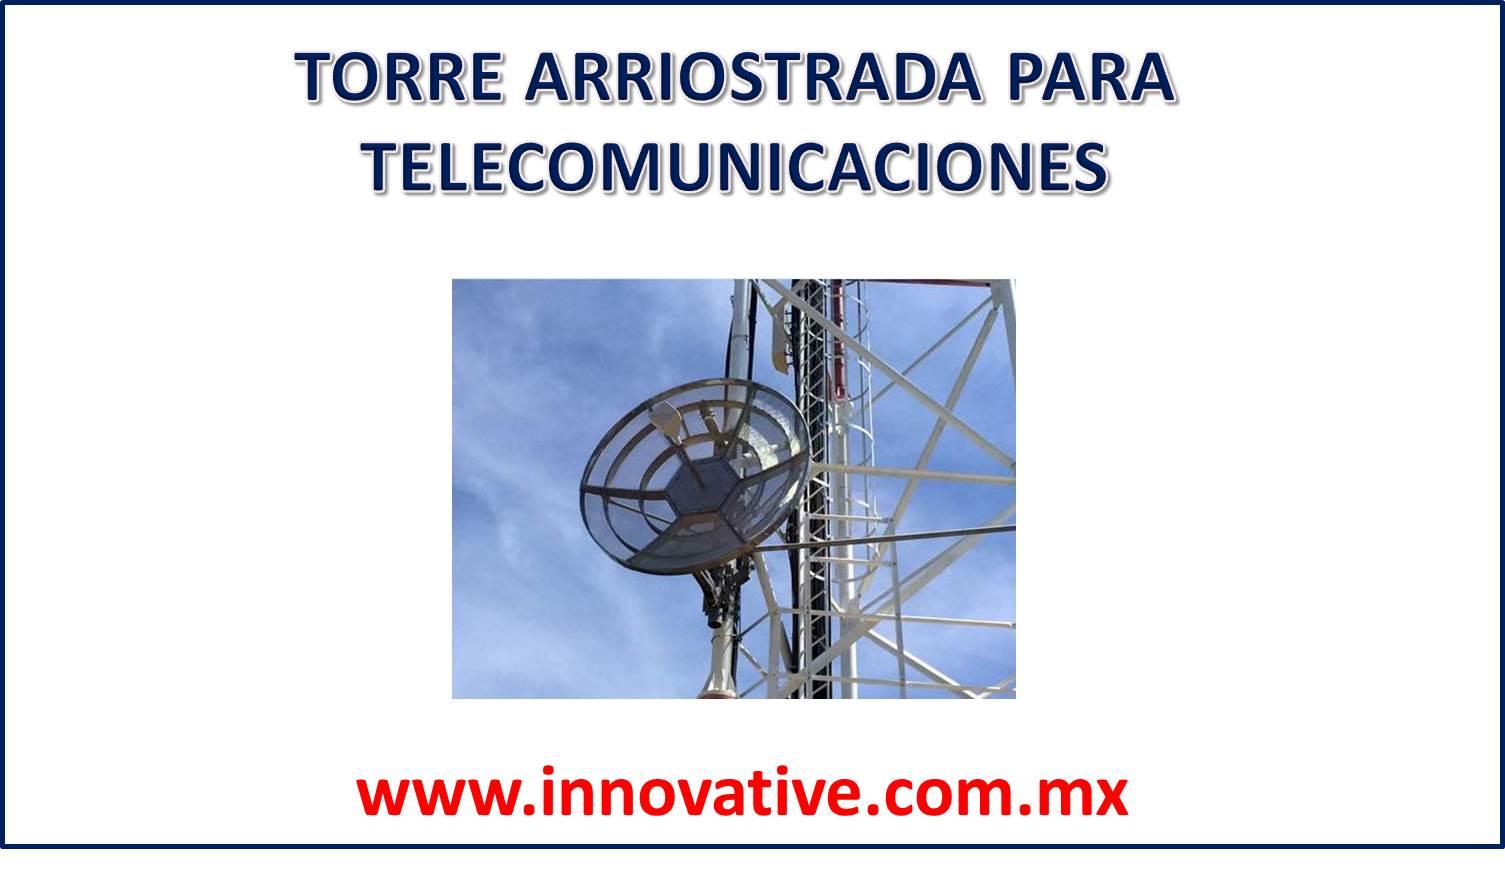 TORRE ARRIOSTRADA PARA TELECOMUNICACIONES